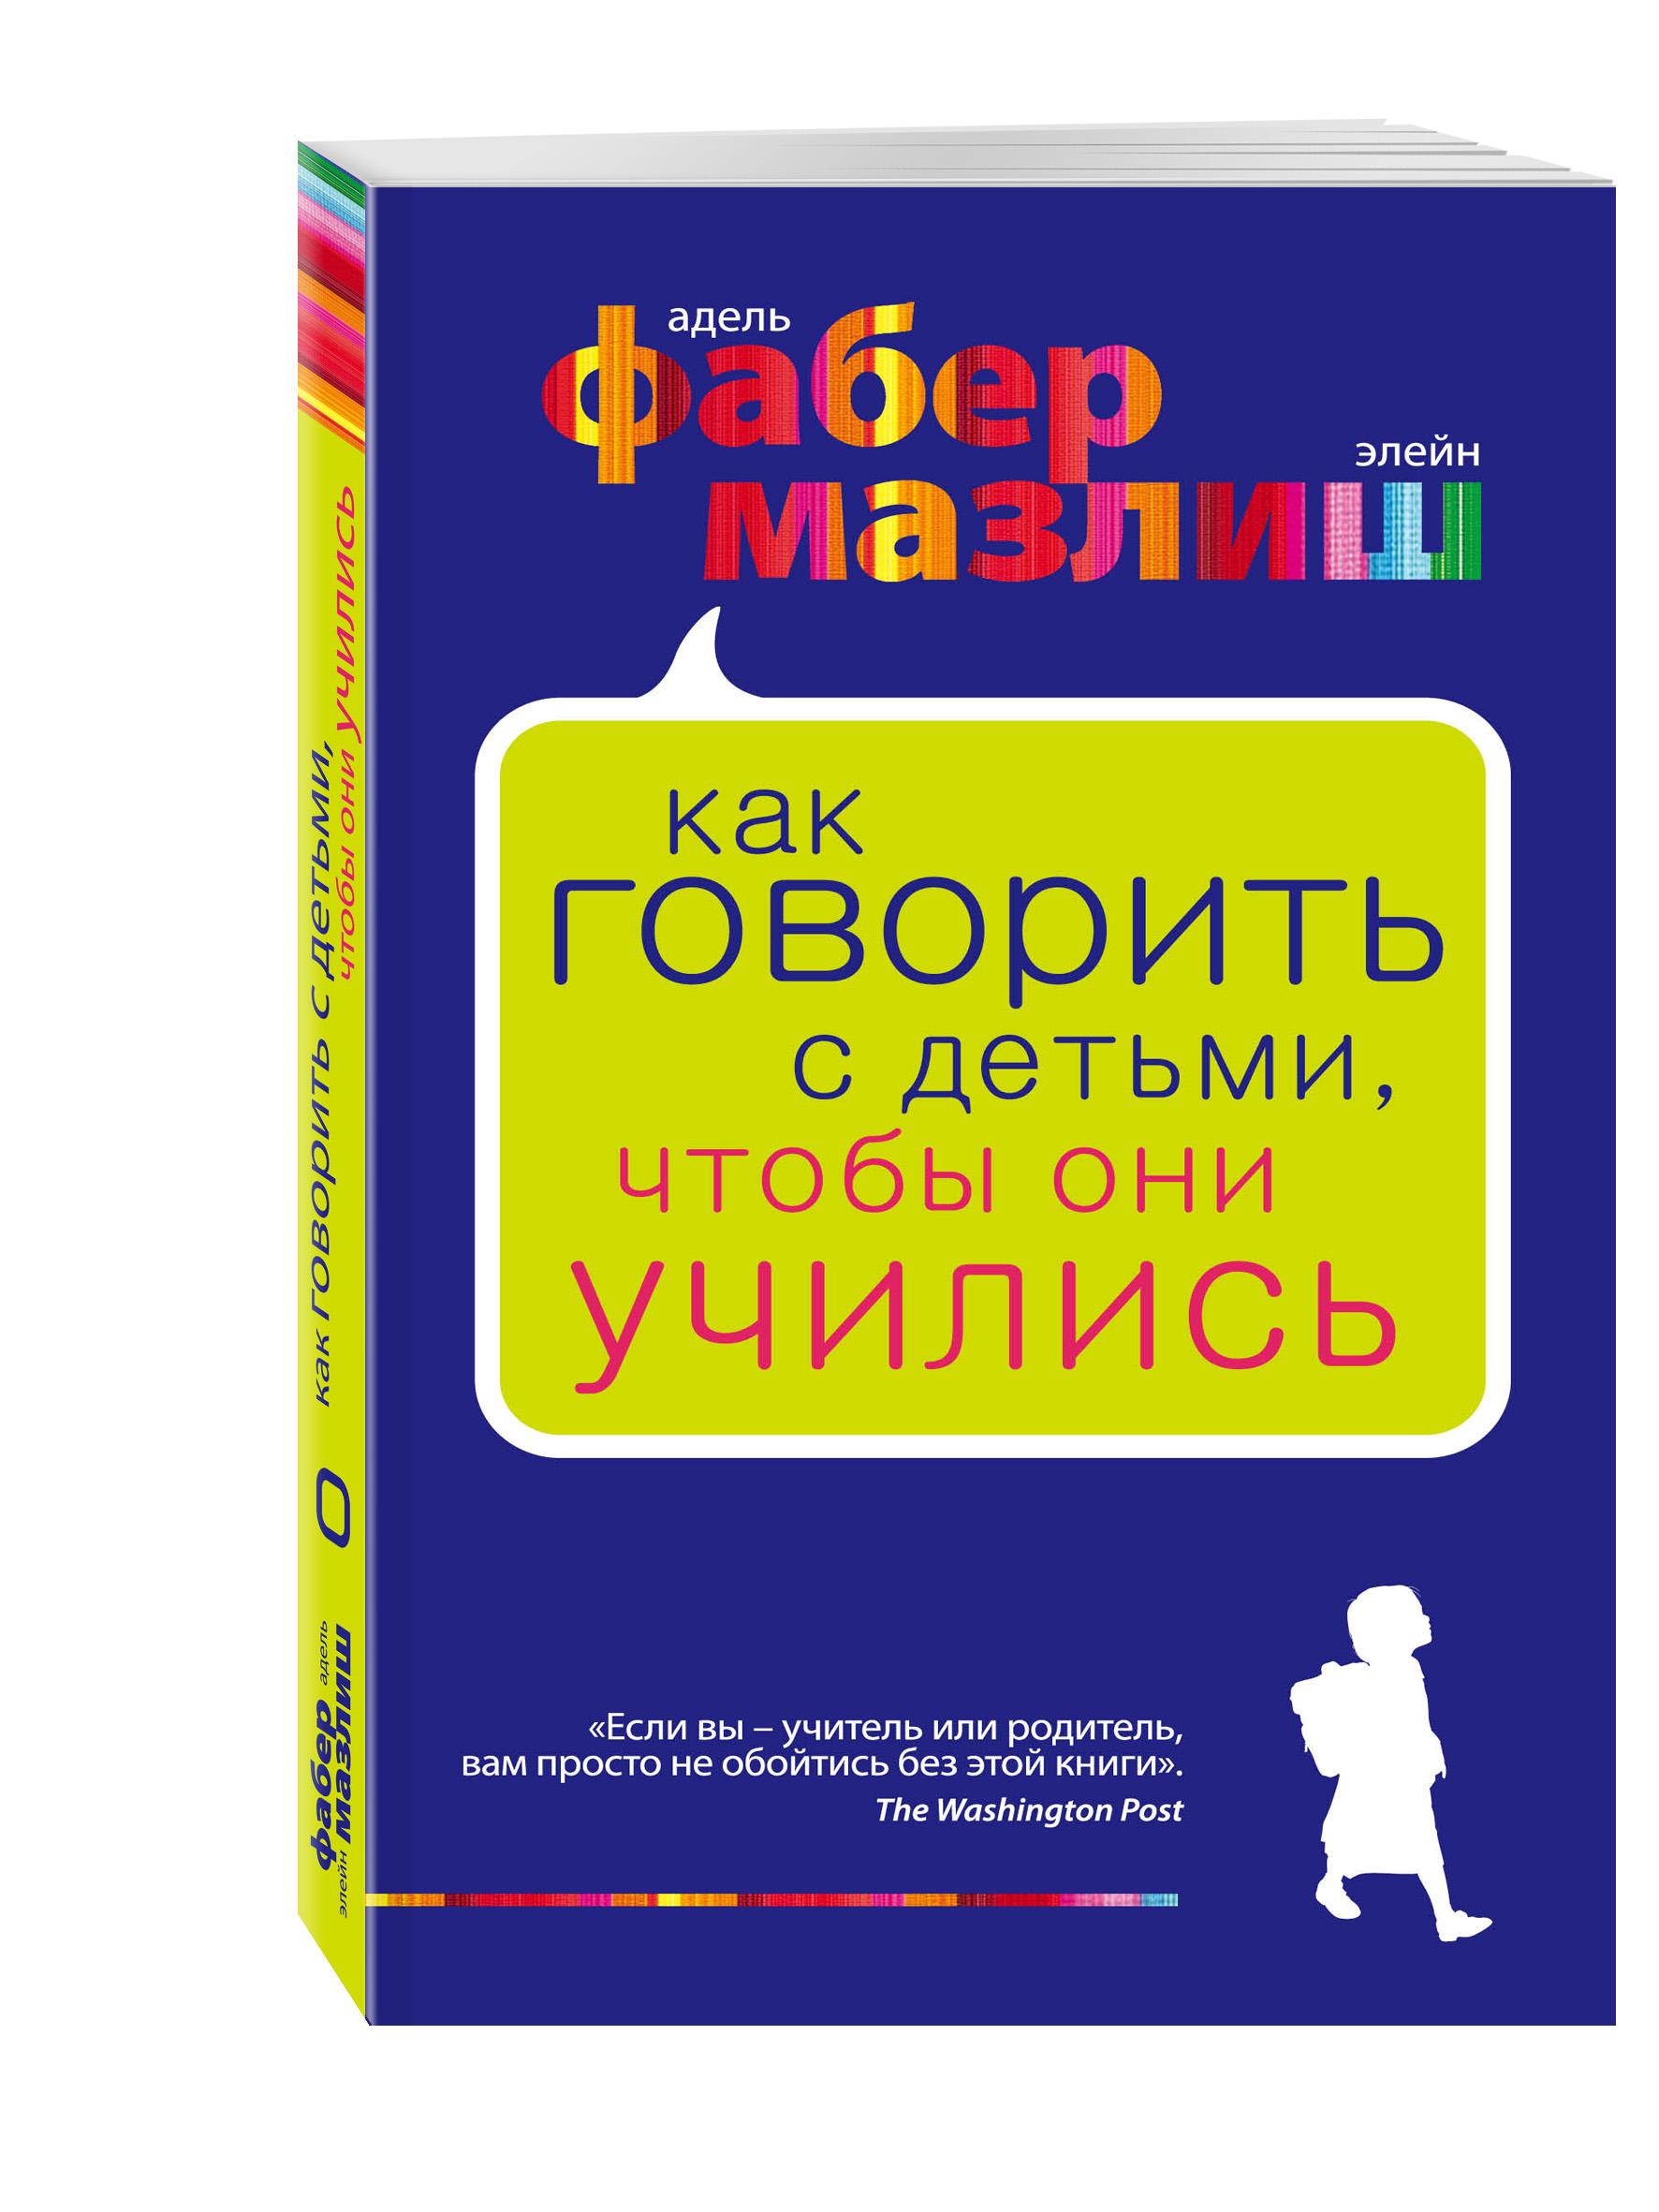 Адель Фабер, Элейн Мазлиш Как говорить с детьми, чтобы они учились фабер адель мазлиш элейн как говорить с детьми чтобы они учились переплет